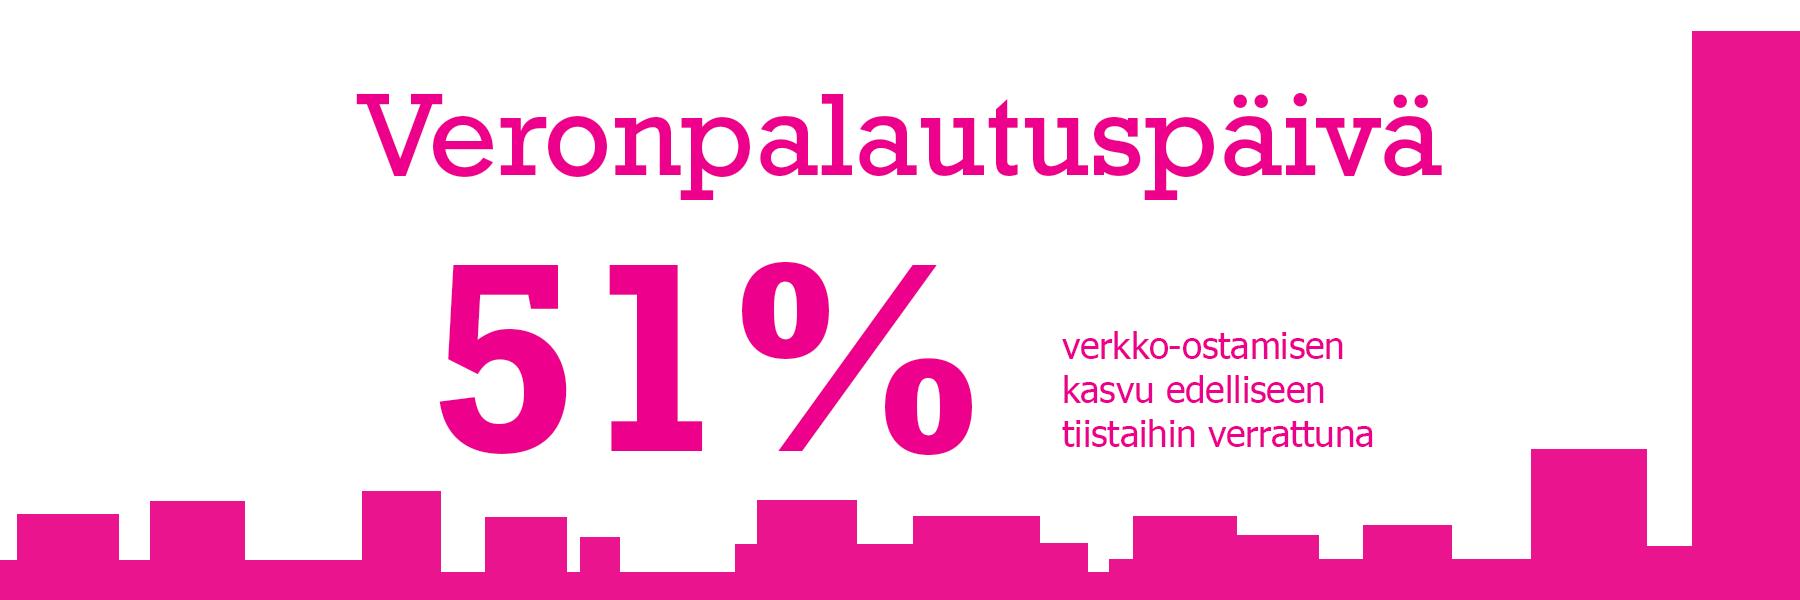 Veronpalautuspäivänä tehtiin 51 % enemmän verkko-ostoksia kuin viikkoa aiemmin